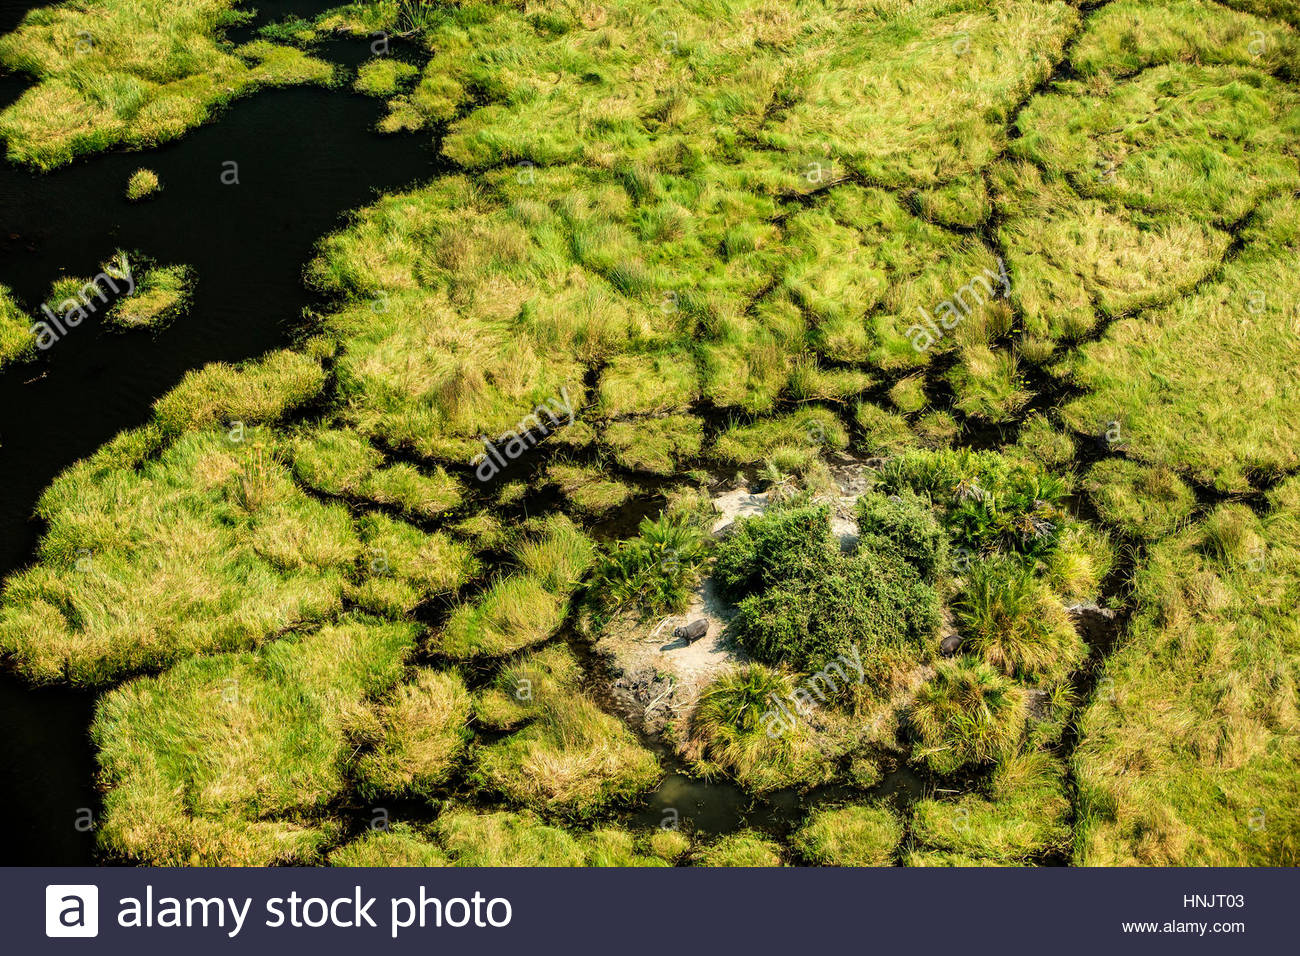 Ein Nilpferd, Hippopotamus Amphibius, Blick über die Feuchtgebiete von seiner kleinen Insel nach Hause. Stockbild